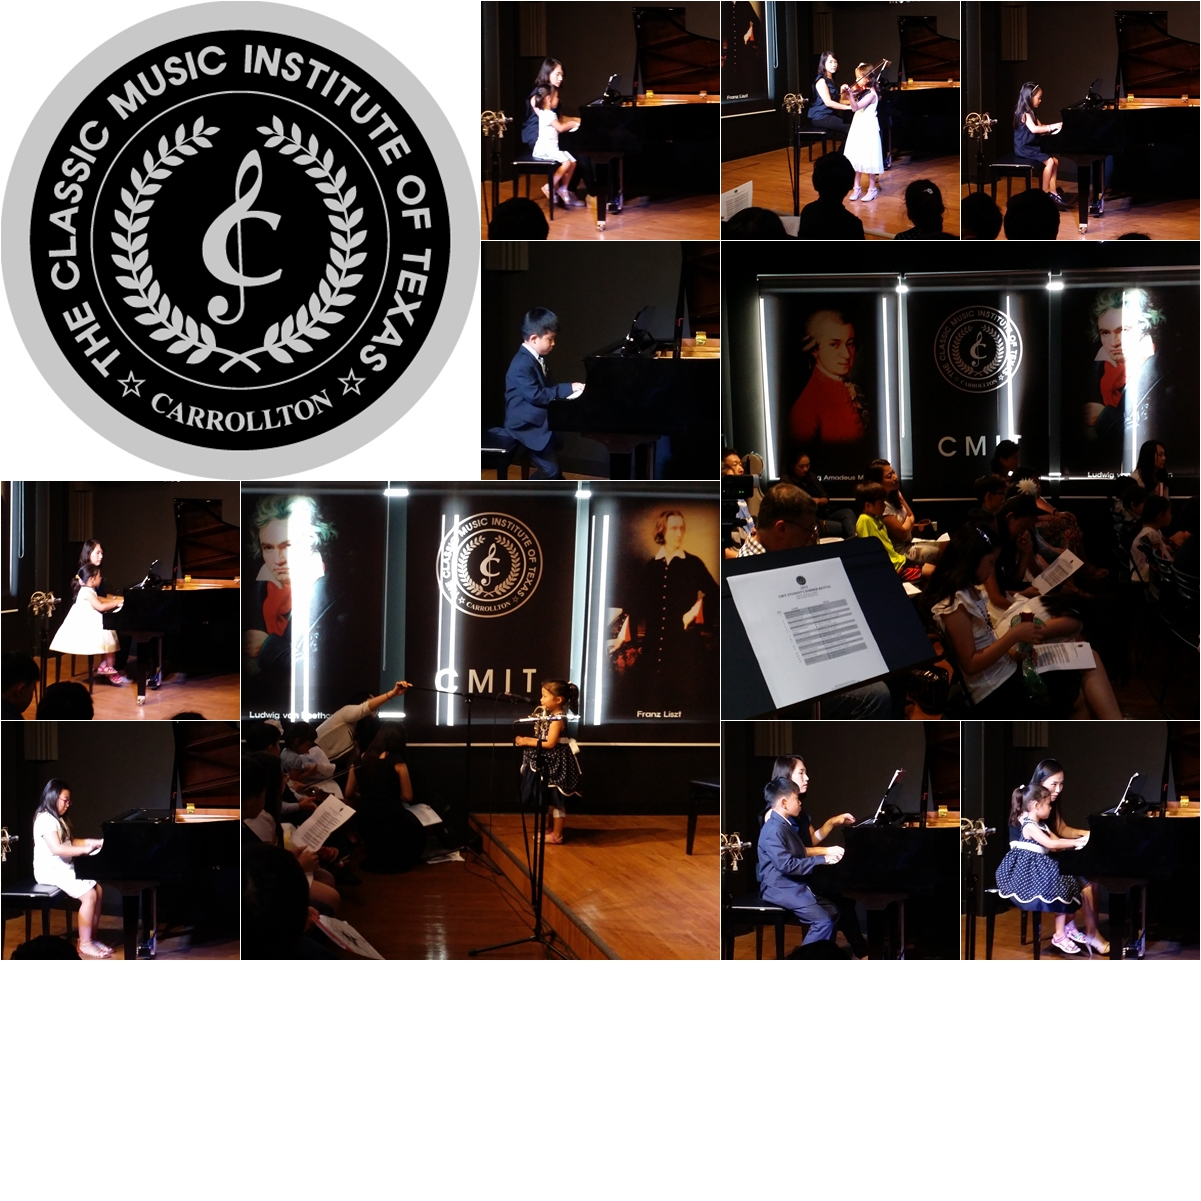 2015 CMIT Student's Summer Recital 04.jpg